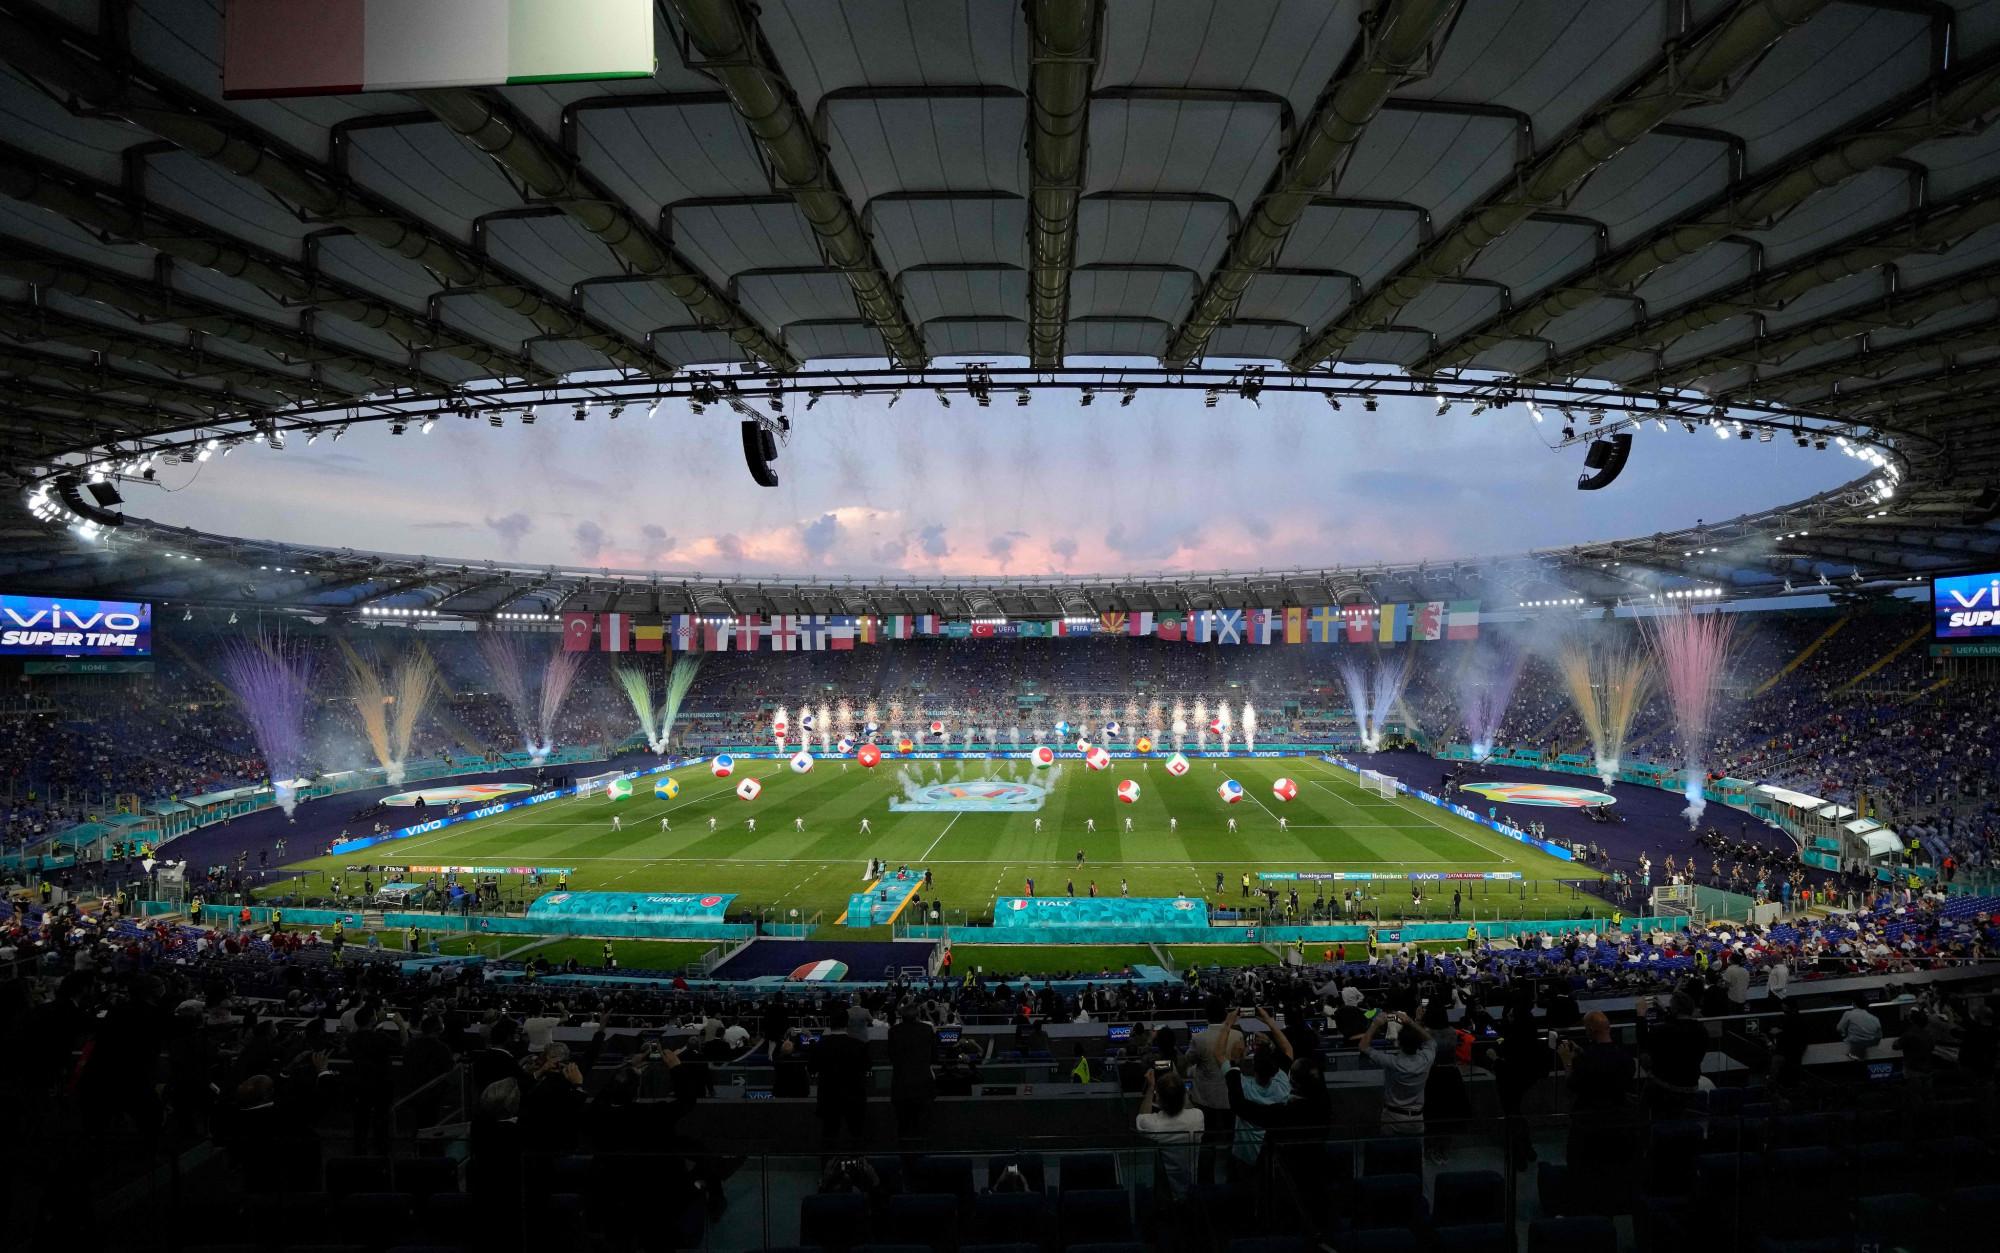 Sân vận động Stadio Olimpico với sức chứa 70.000 chỗ ngồi nhưng để đảm bảo tuân thủ đúng các quy định phòng chống dịch COVID-19, chỉ khoảng 16,000 đến 18,000 khán giả được vào sân. Theo Bộ trưởng thể thao Ý Vincenzo Spadafora, quyết định mở cửa cho khán giả tham gia đã là nỗ lực rất lớn của chính phủ sau một thời gian vận động, đấu tranh.